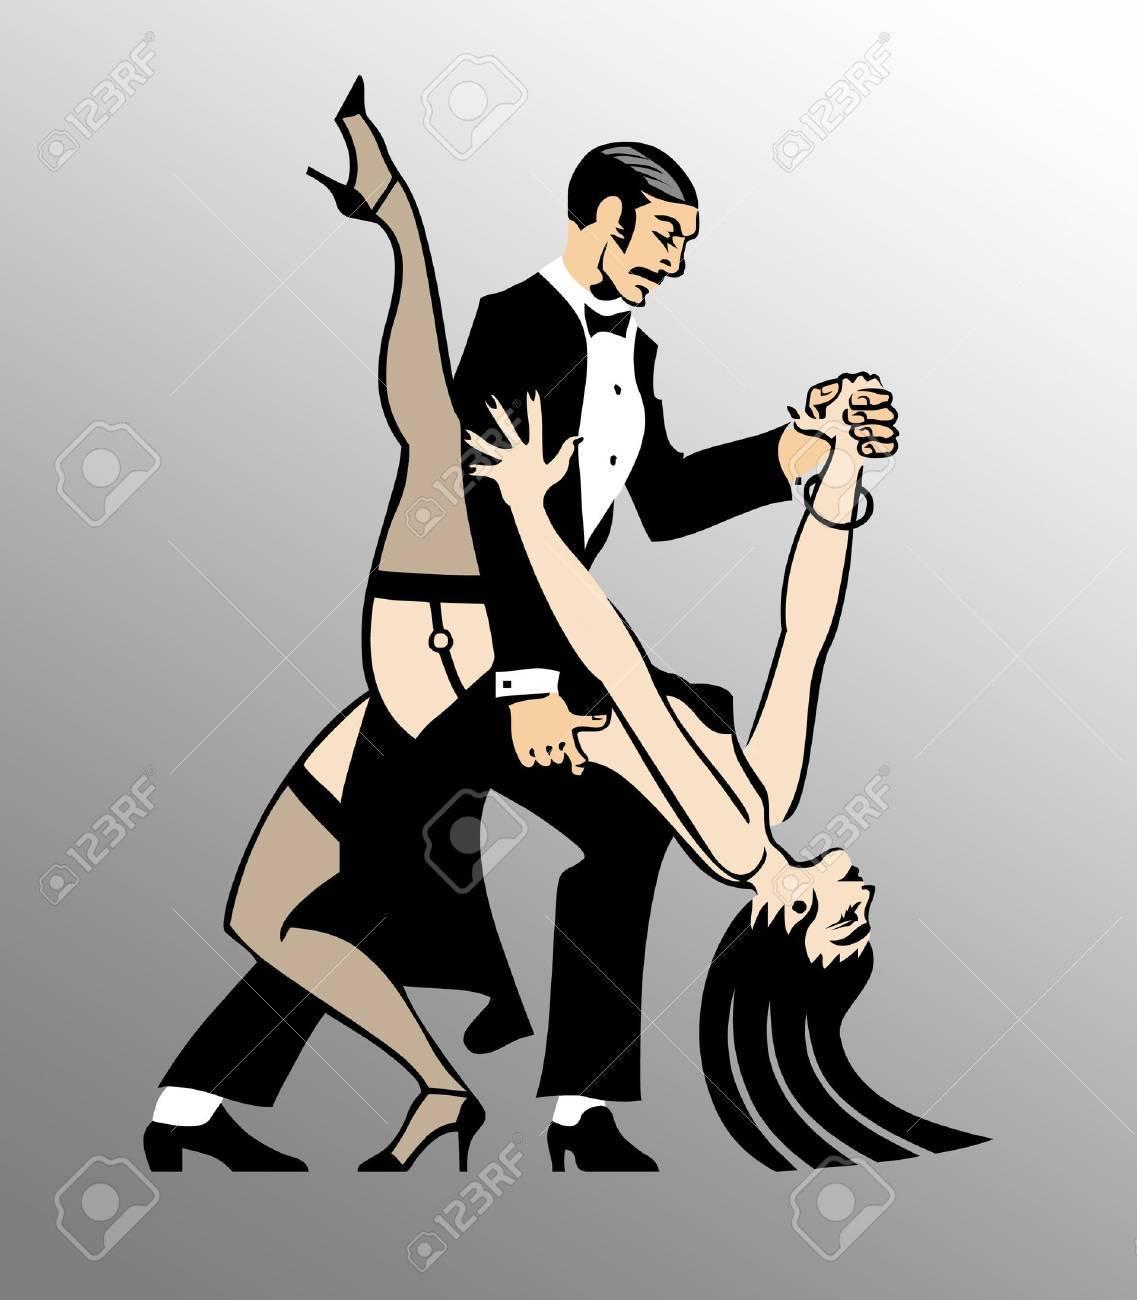 Couple Dancing Tango 1 Stock Photo - 7653462